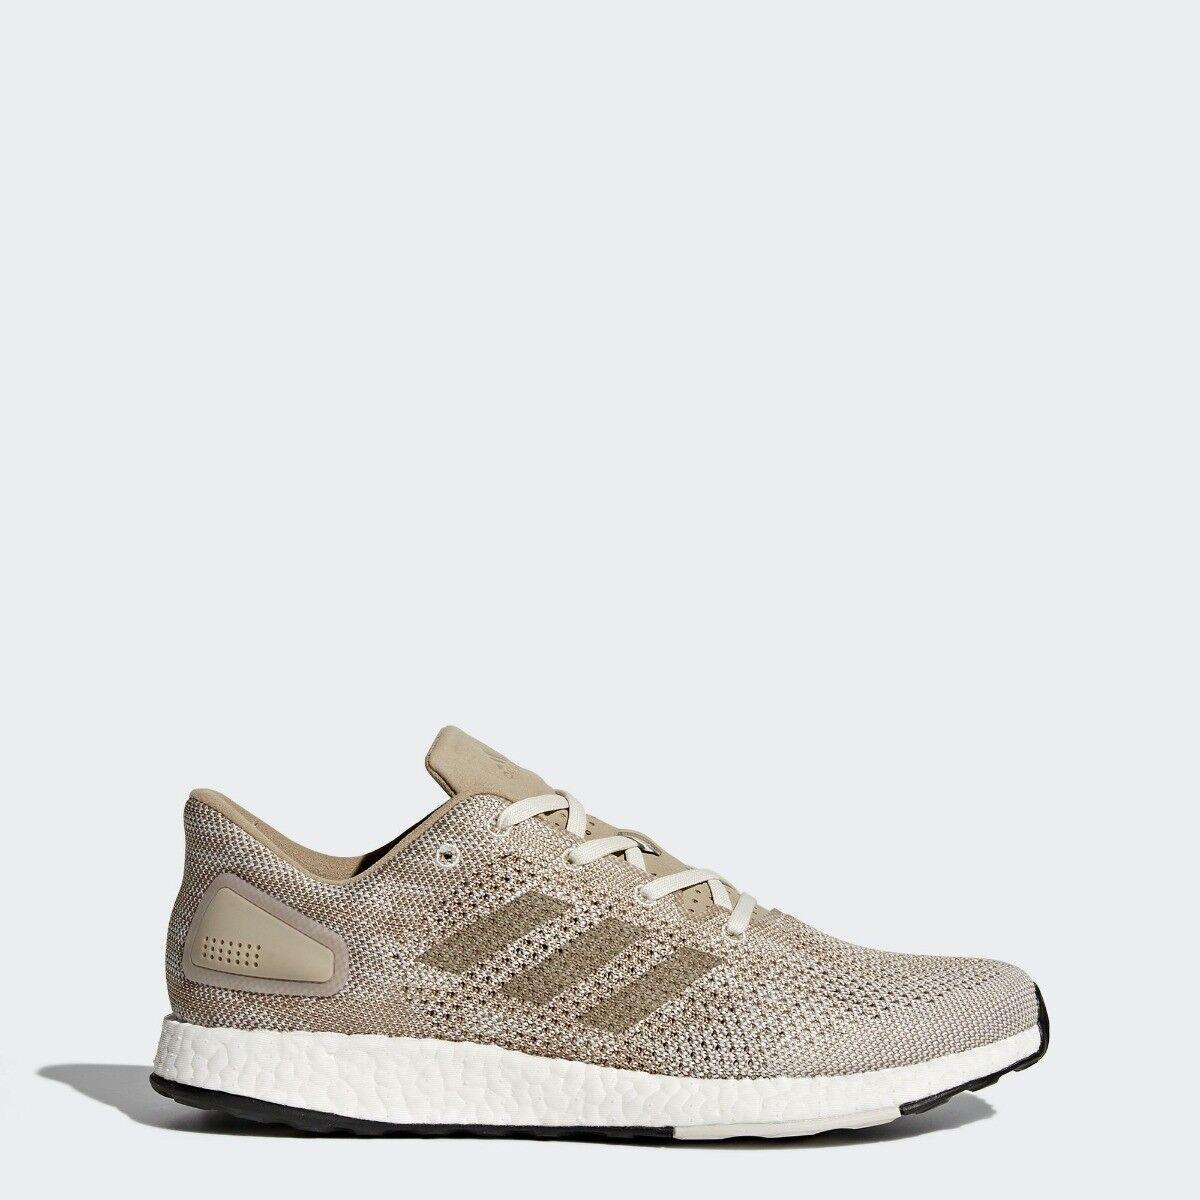 Adidas se pureboost Uomo trainer in scarpe 6,5 - 11 se Adidas / - nuova serie d7419f